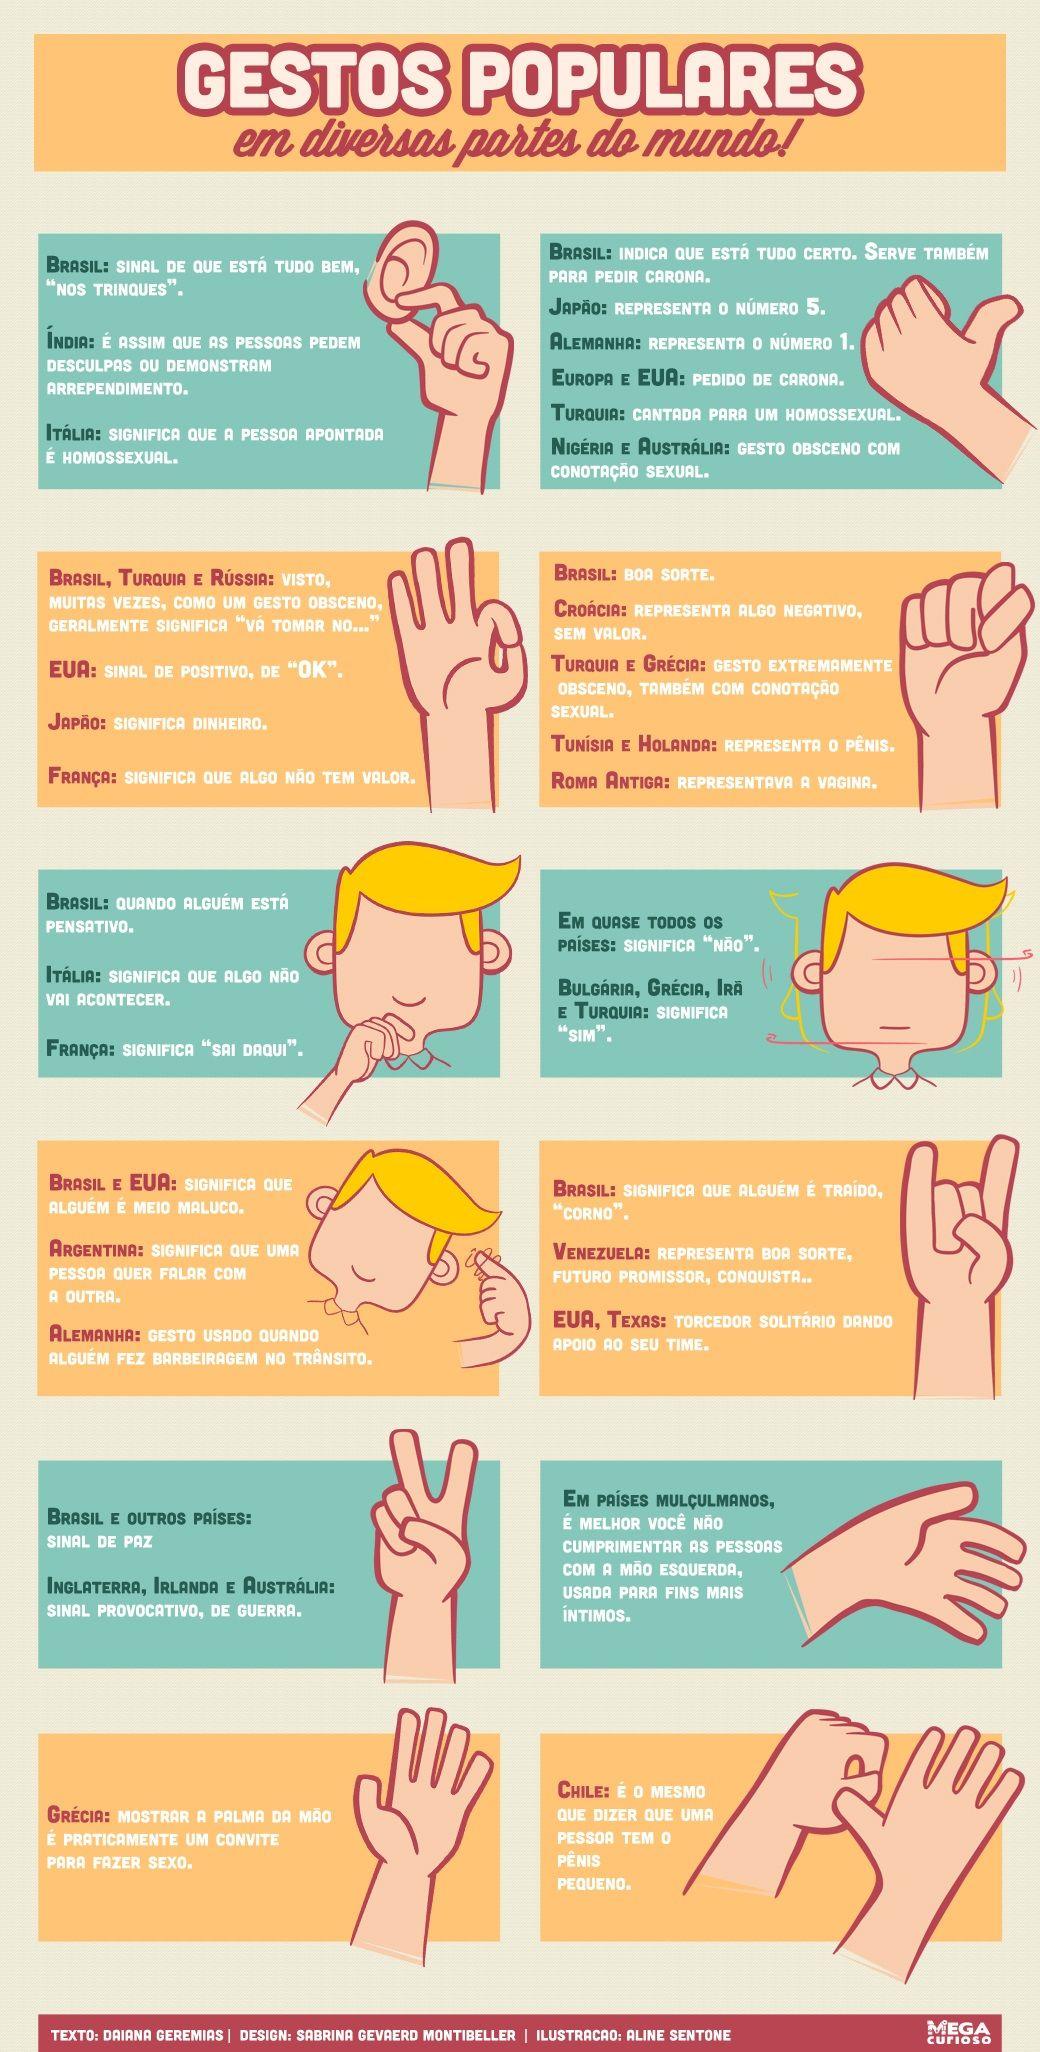 Se você é do tipo que fala com as mãos, é bom saber que alguns gestos representam coisas diferentes em outros países. Fique esperto e evite problemas quando não estiver em território tupiniquim!